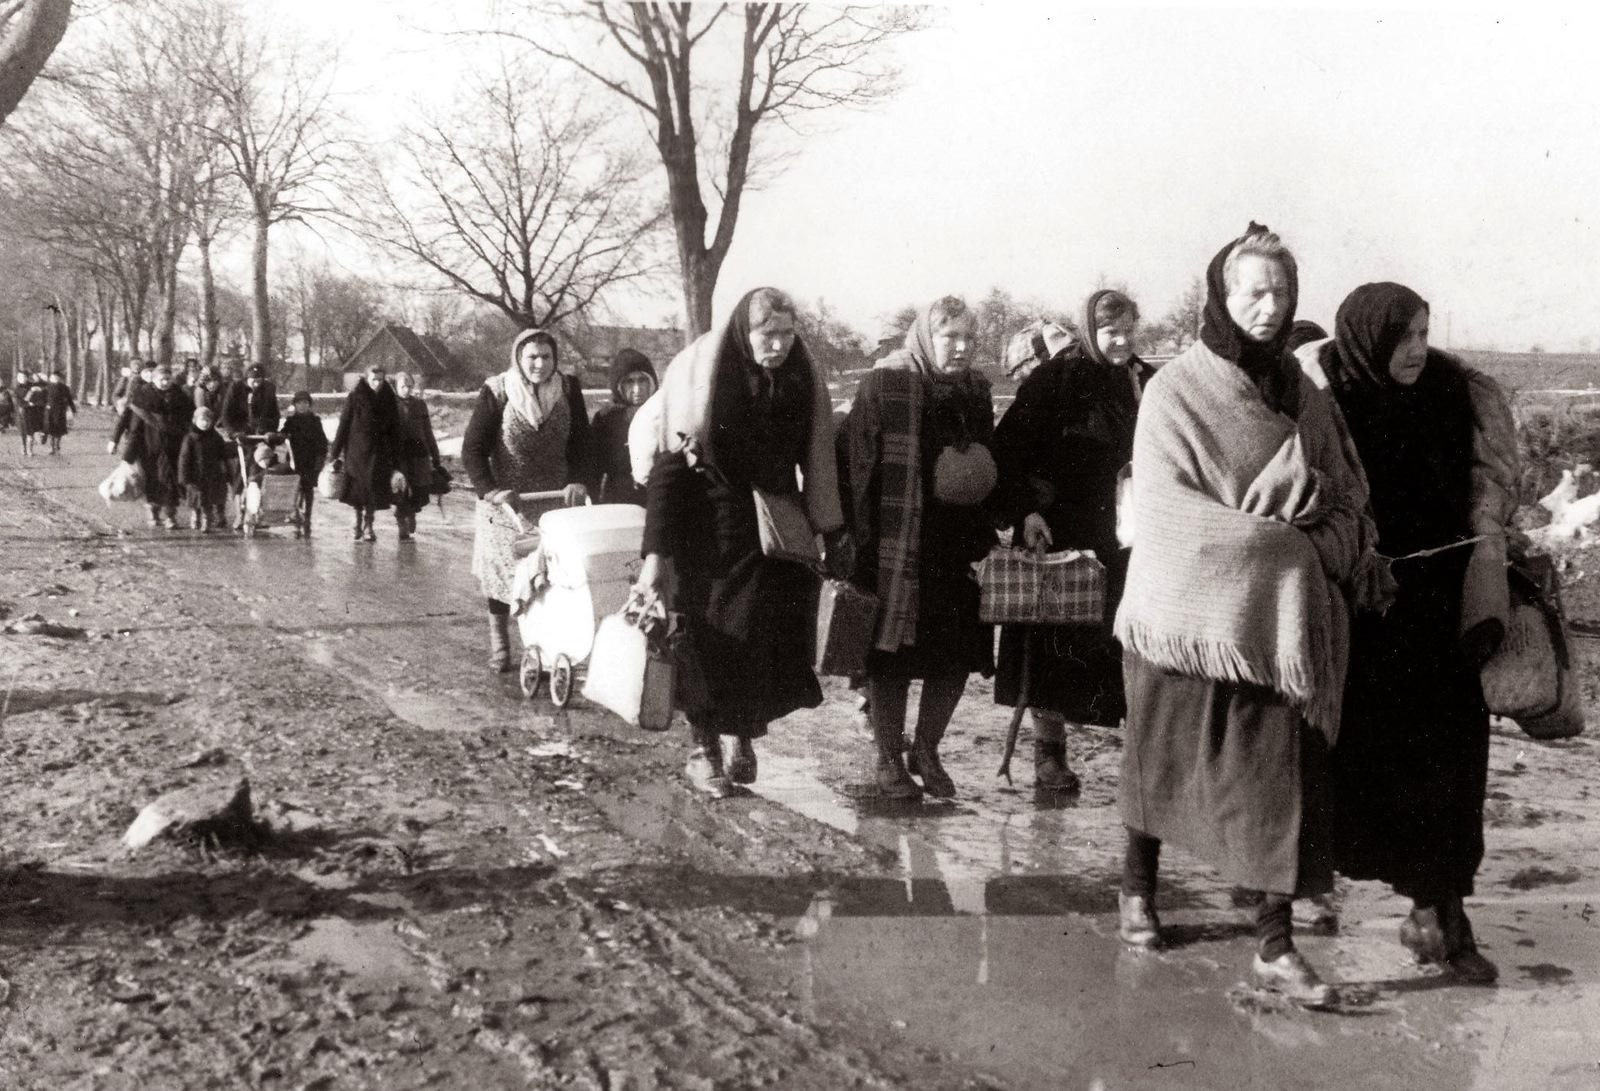 Немецкие женщины и дети возвращаются к своим домам. Восточная Пруссия. 1945 год. Автор Евзерихин Э. Н. РГАКФД